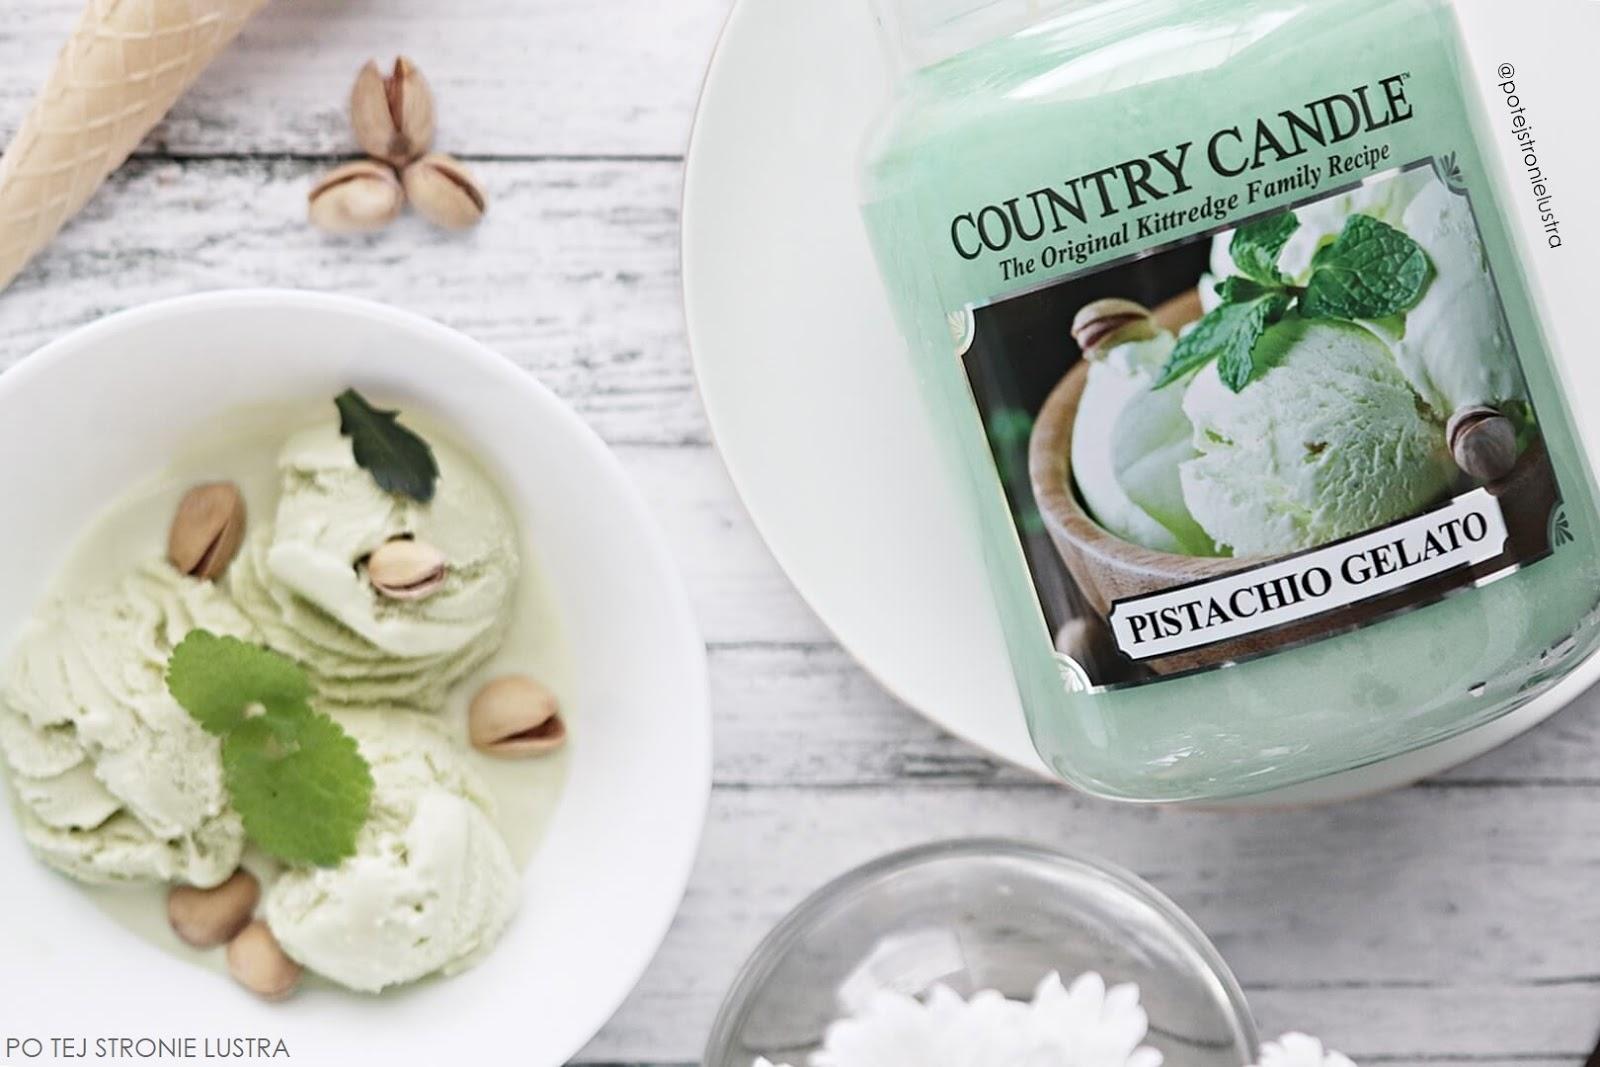 etykieta świecy country candle pistachio gelato